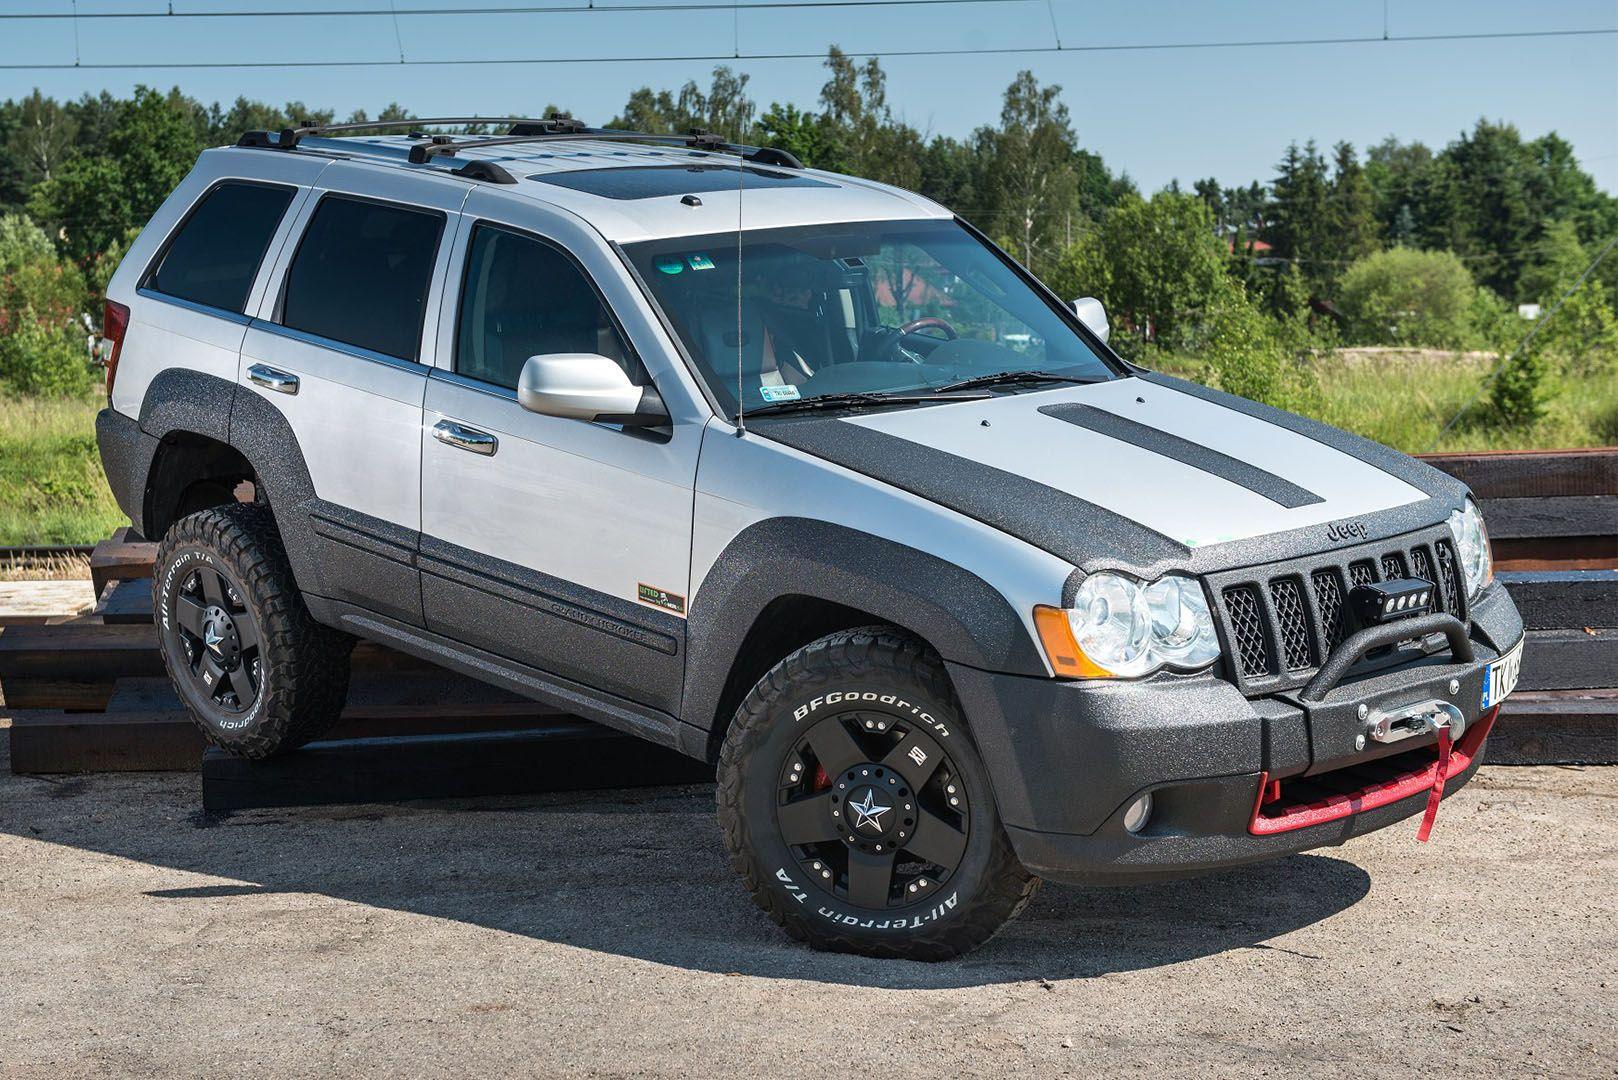 Metalpasja Innowacyjne Doposazenia Offroad Jeep Grand Cherokee